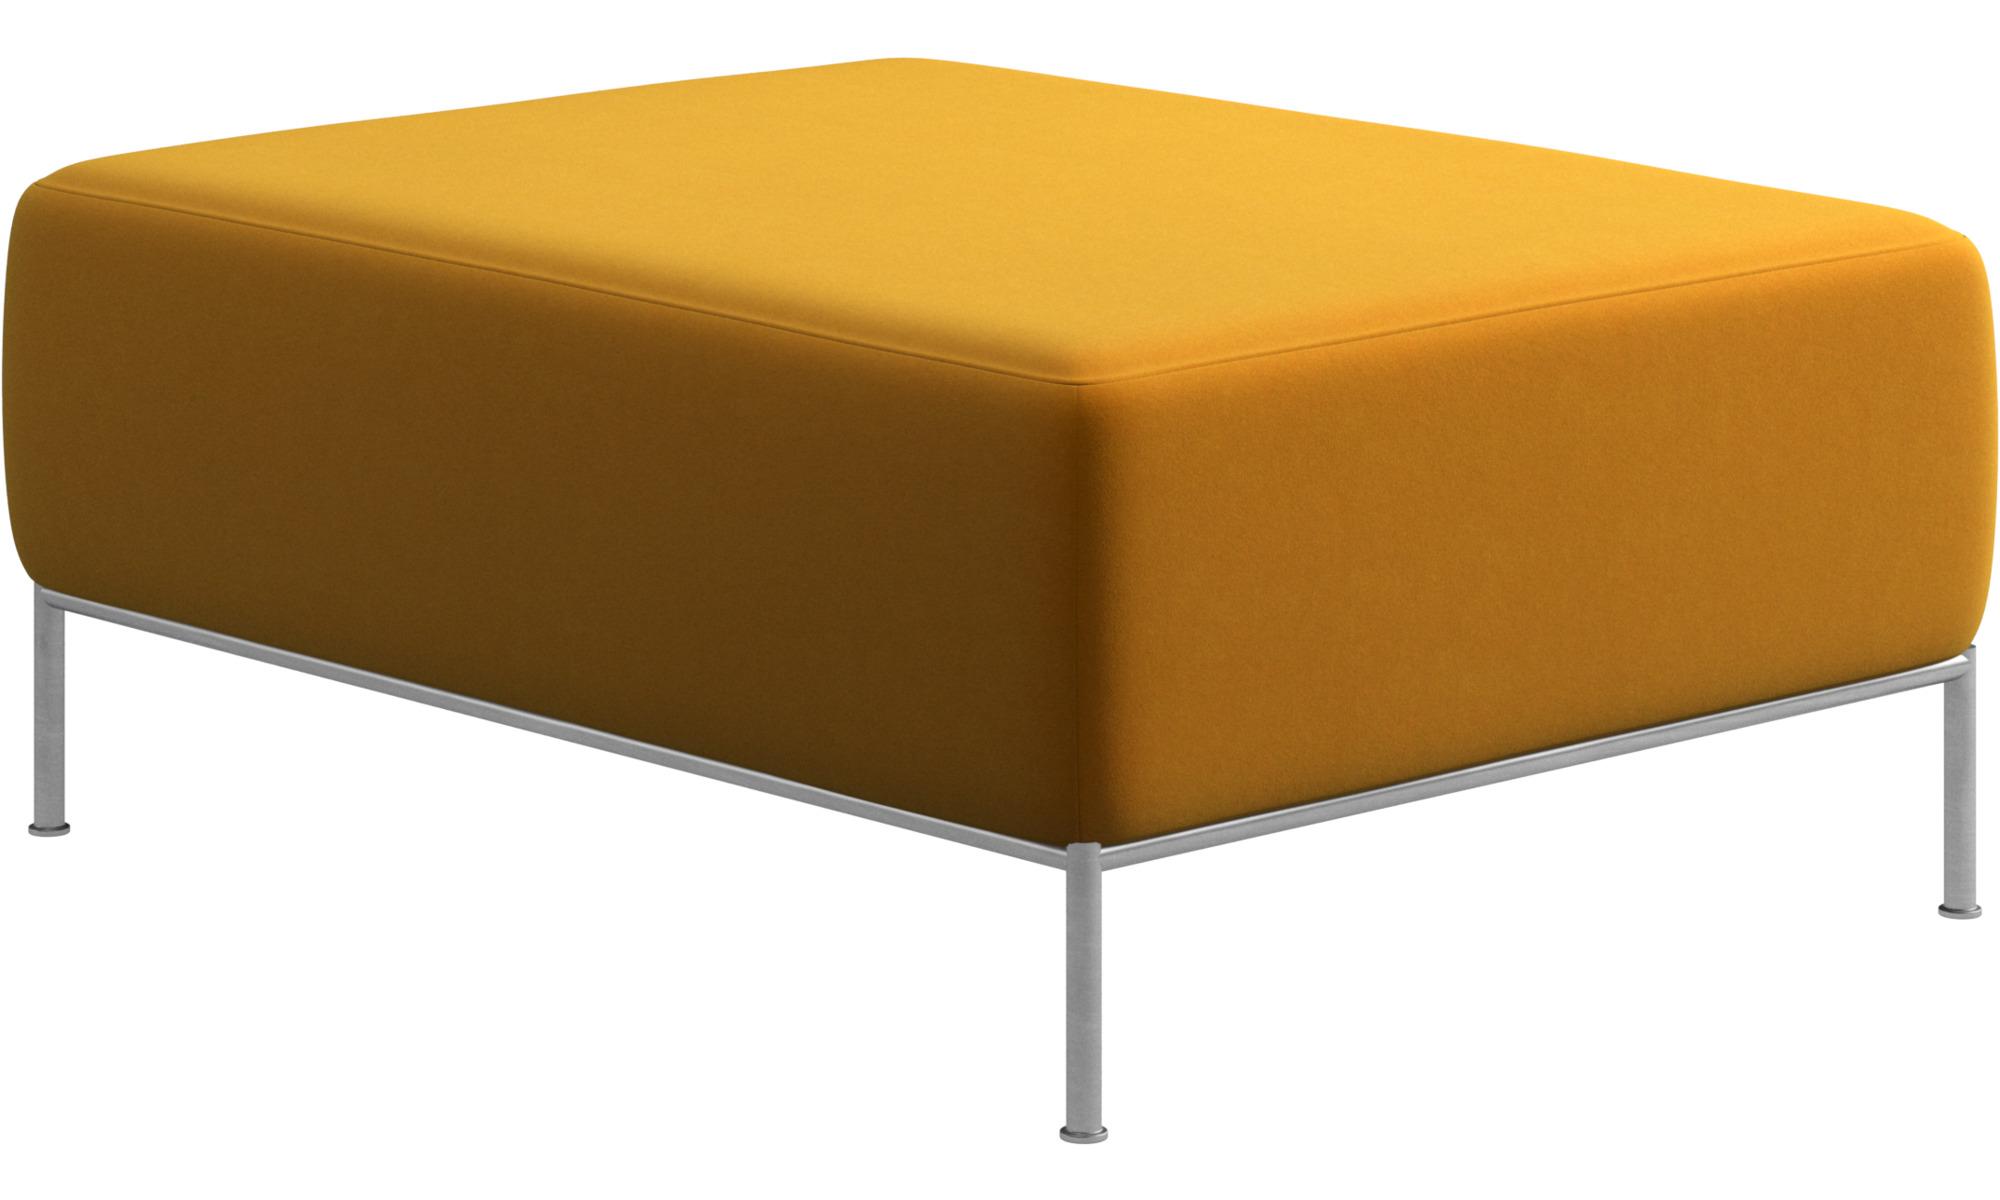 Canap s modulaires pouf miami boconcept - Canape boconcept ...